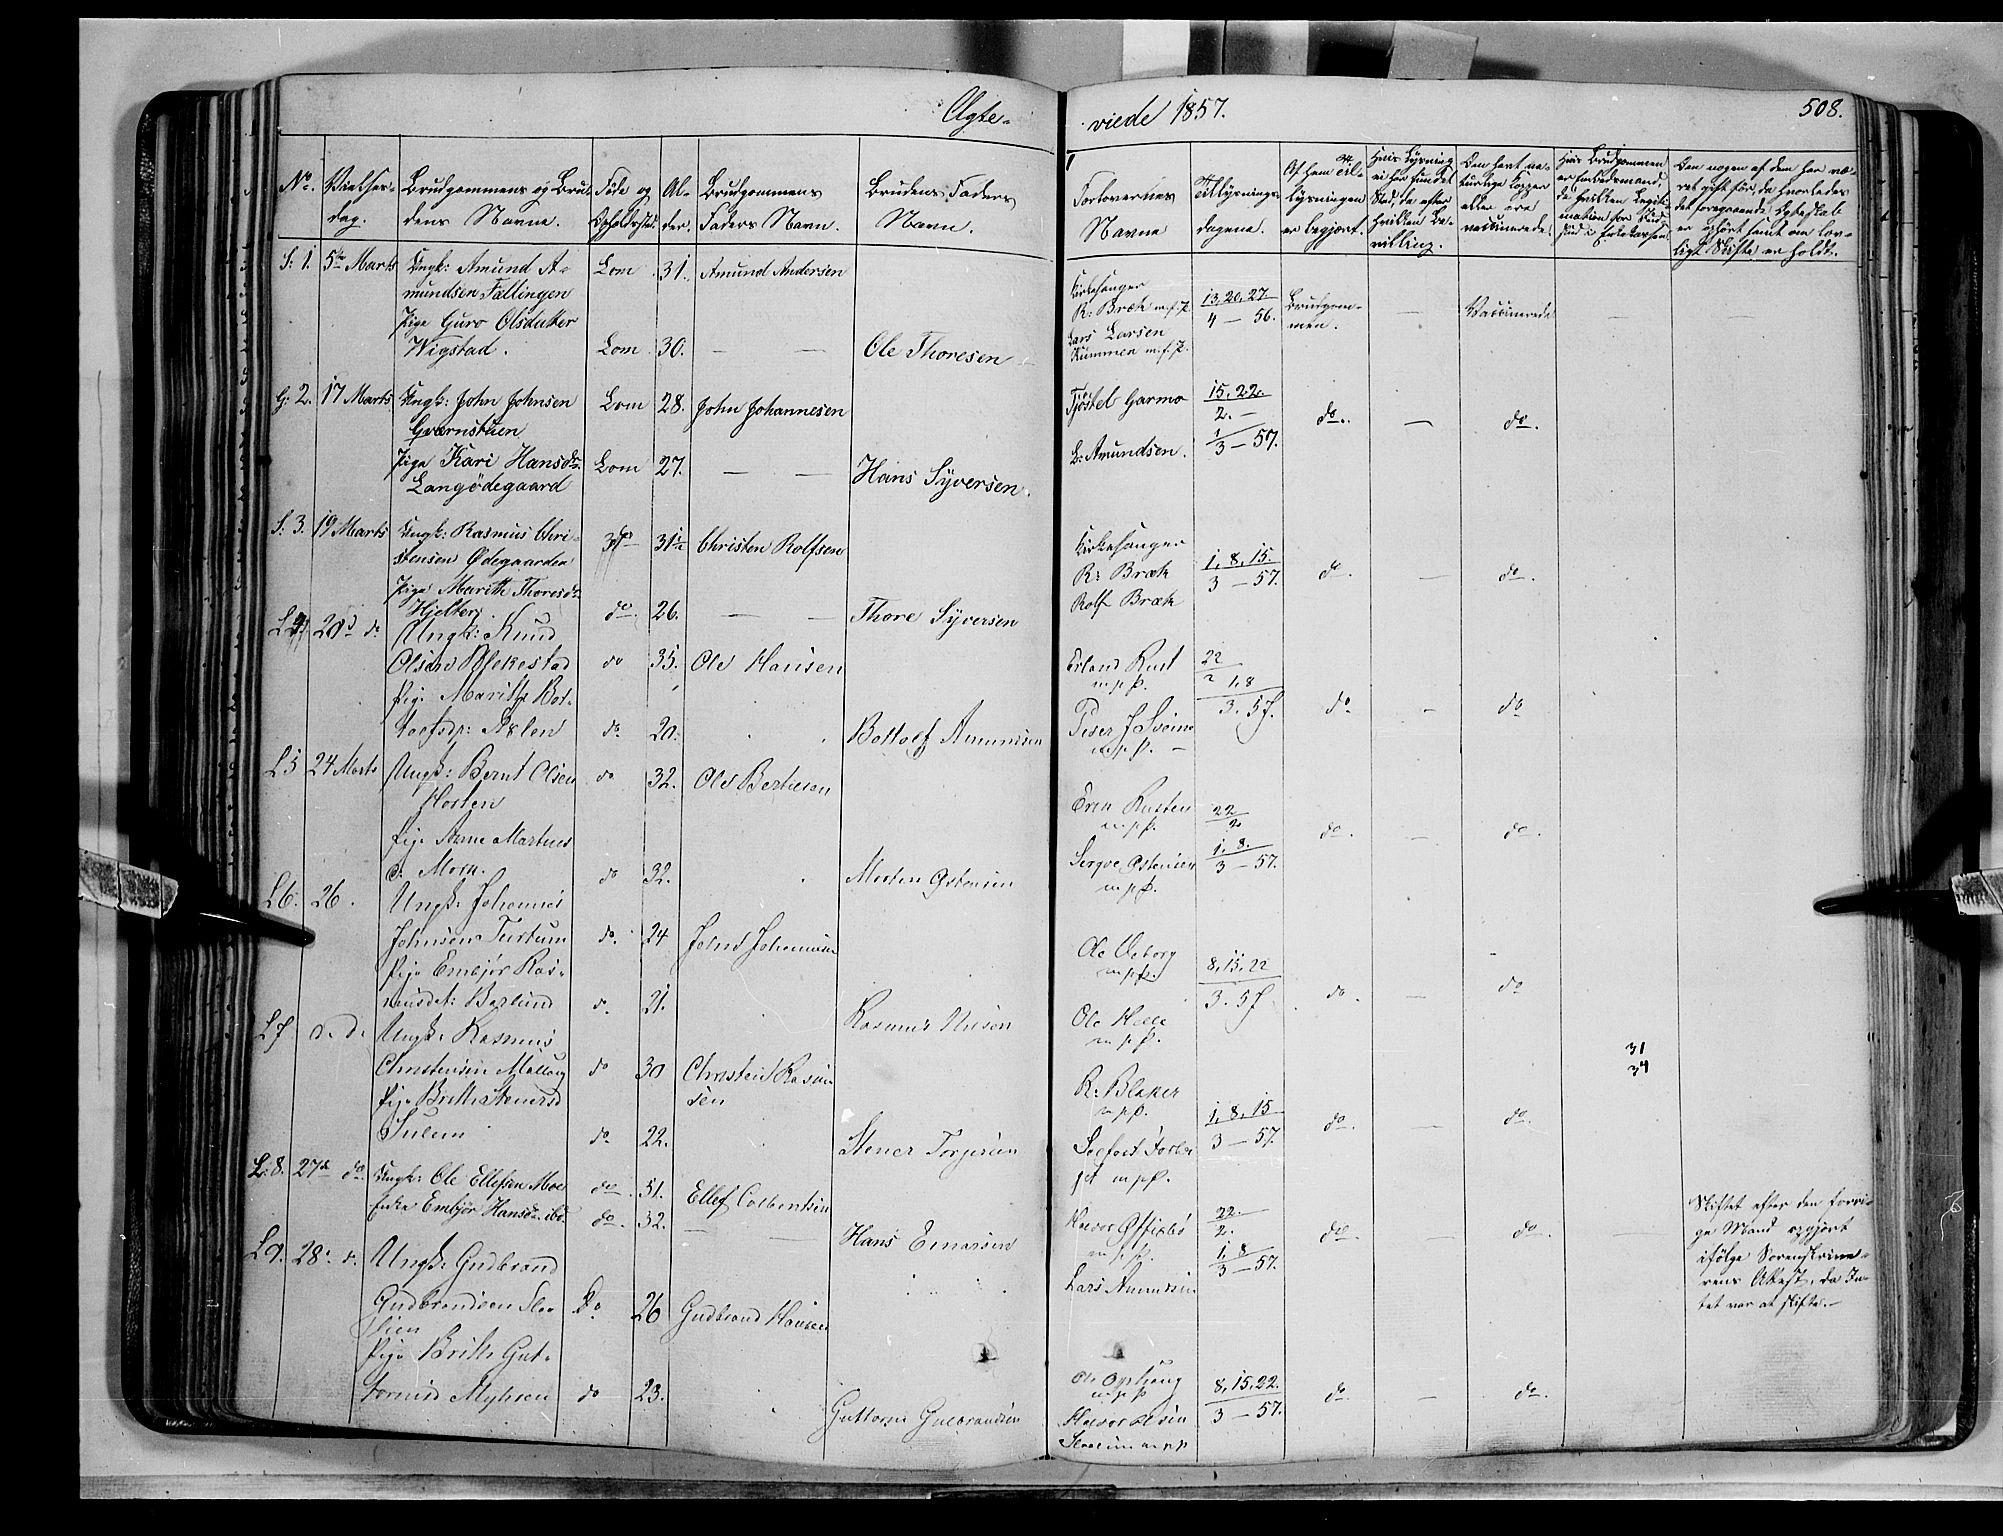 SAH, Lom prestekontor, K/L0006: Ministerialbok nr. 6B, 1837-1863, s. 508